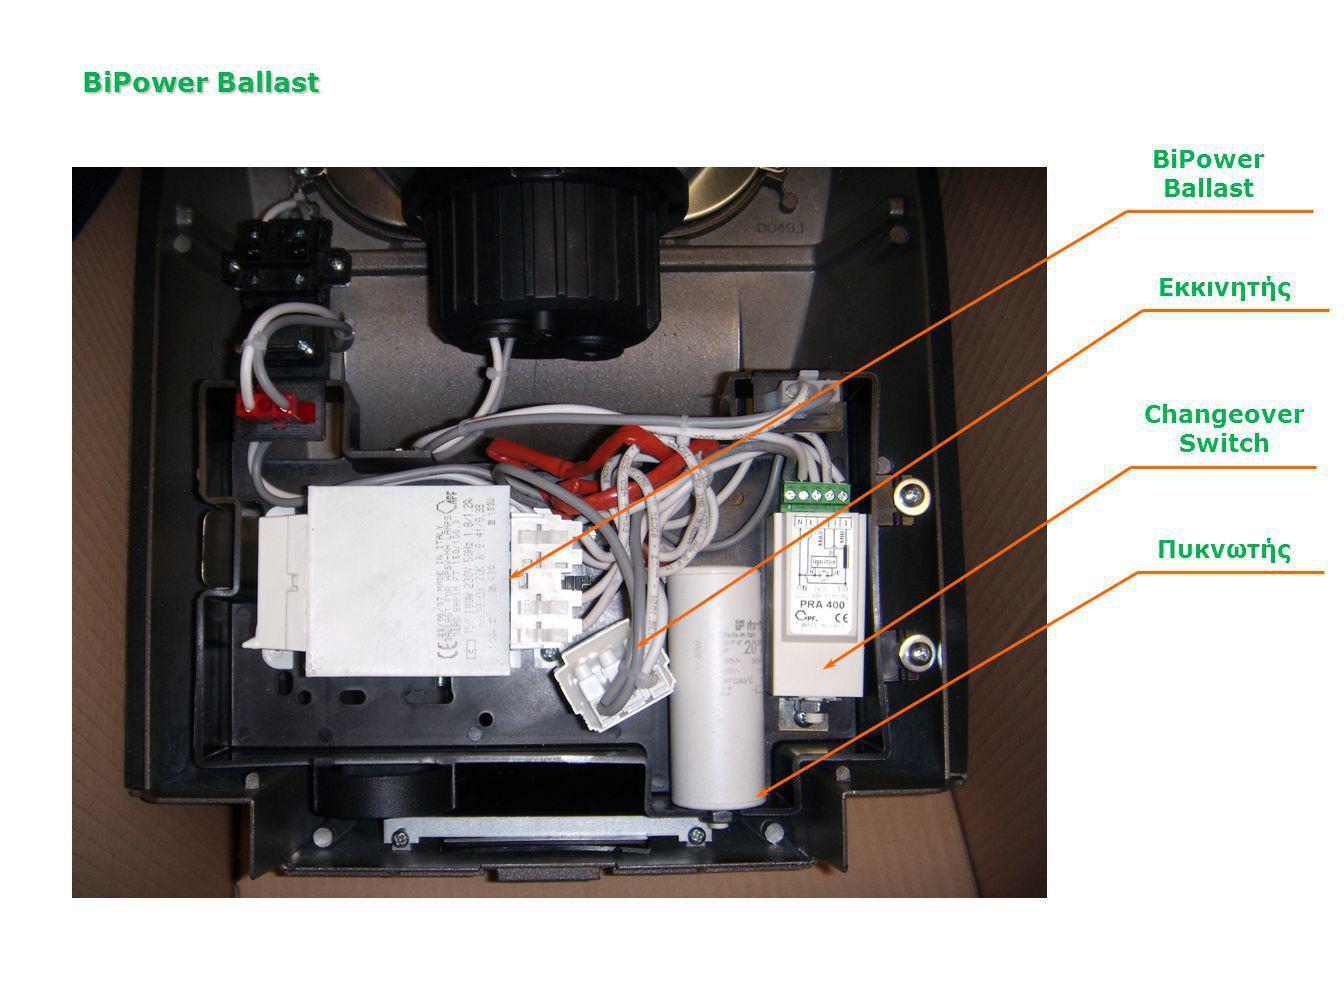 ΣΥΣΤΗΜΑ ΕΛΕΓΧΟΥ ΕΚΑΣΤΟΥ ΦΩΤΙΣΤΙΚΟΥ Η επικοινωνία επιτυγχάνεται με τη χρήση φερέσυχνων σημάτων, για τη μεταφορά δεδομένων μέσω των καλωδίων ισχύος των φωτιστικών.